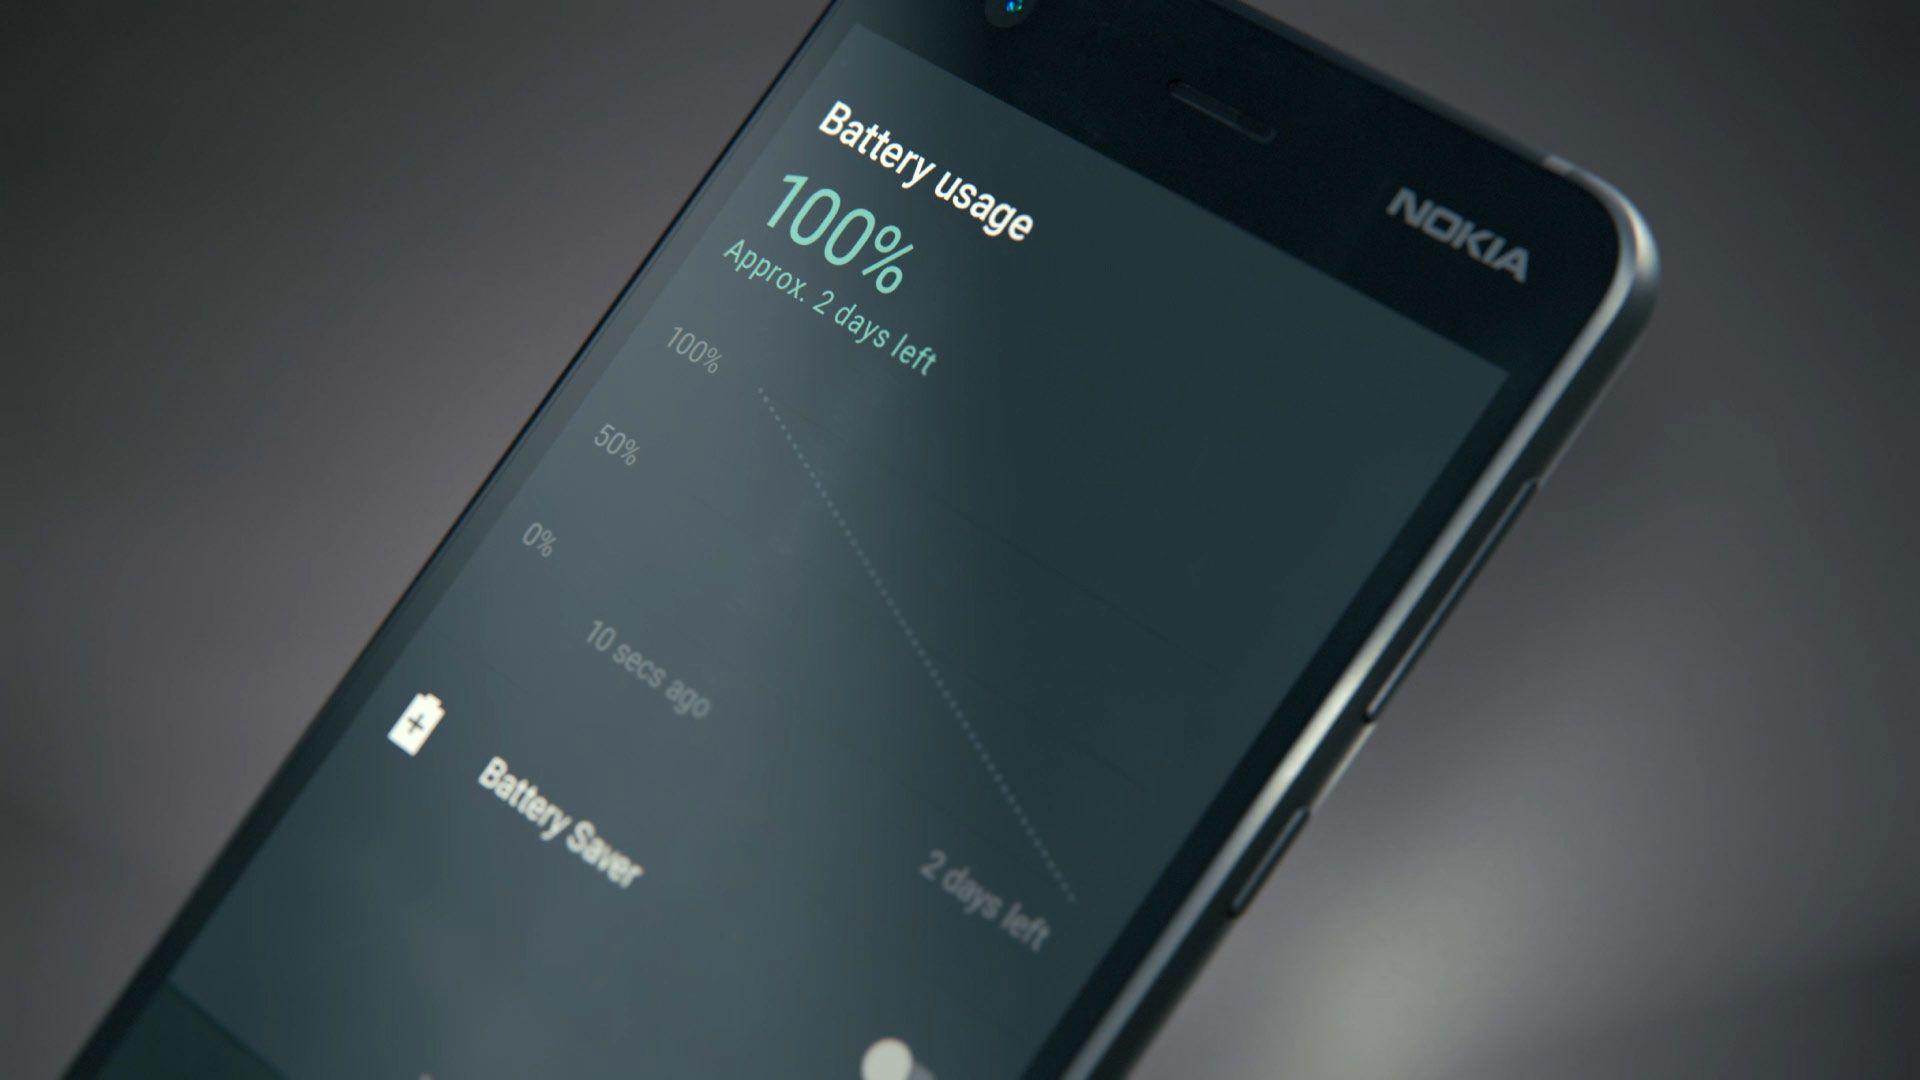 Новая линейка смартфонов Nokia. Nokia 5_3_2 2018 - смартфон Nokia 2 2018 батарея